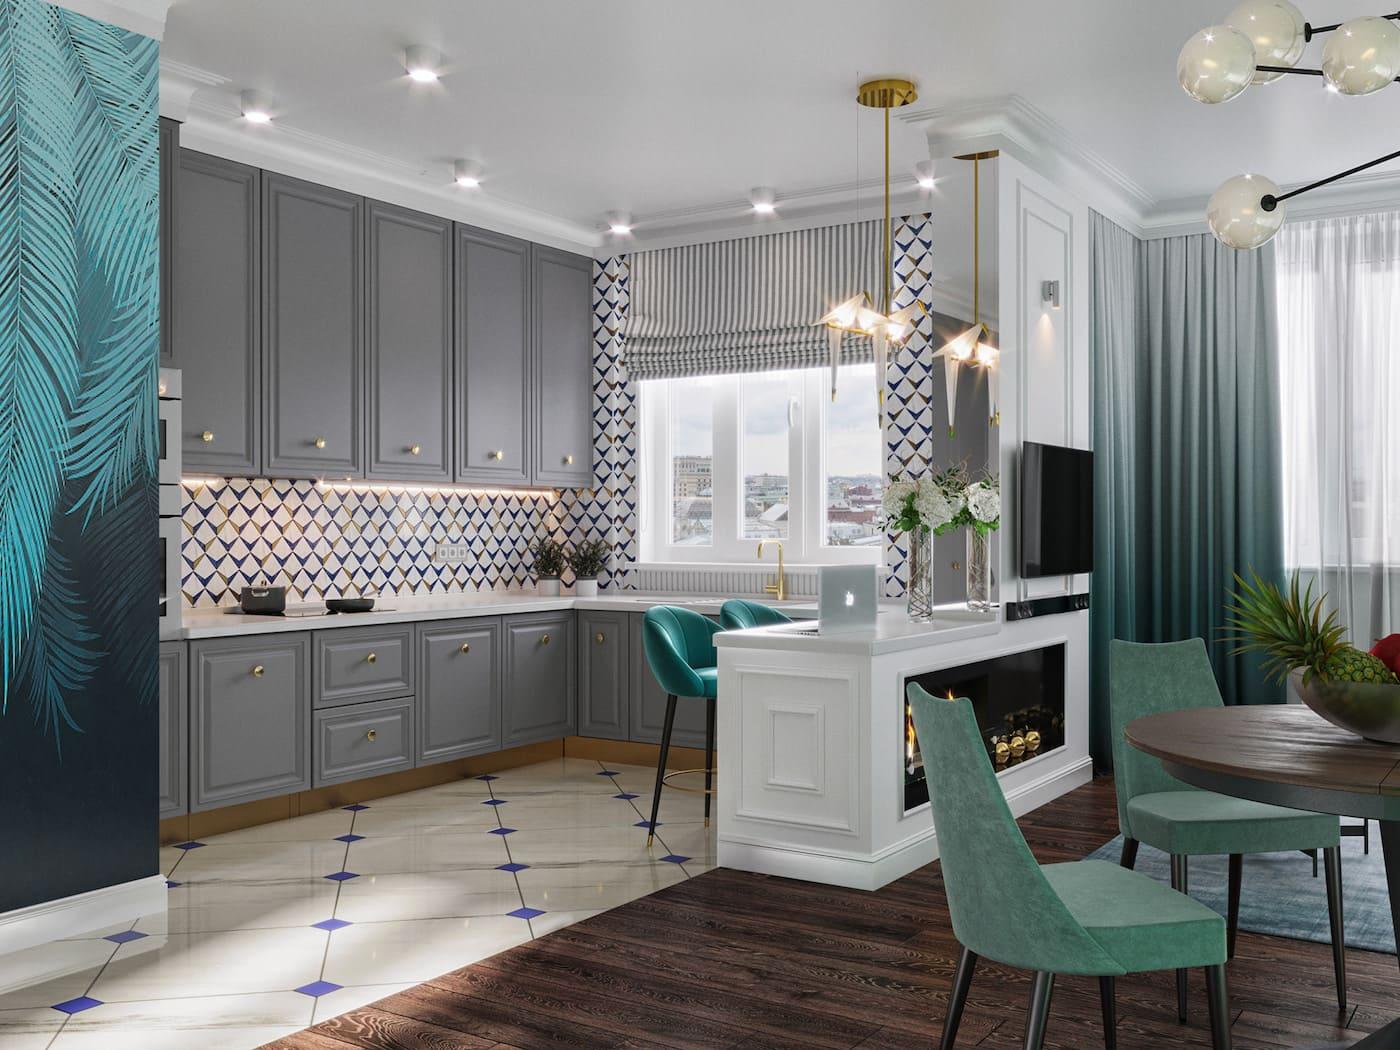 design d'intérieur d'un appartement à la mode photo 31